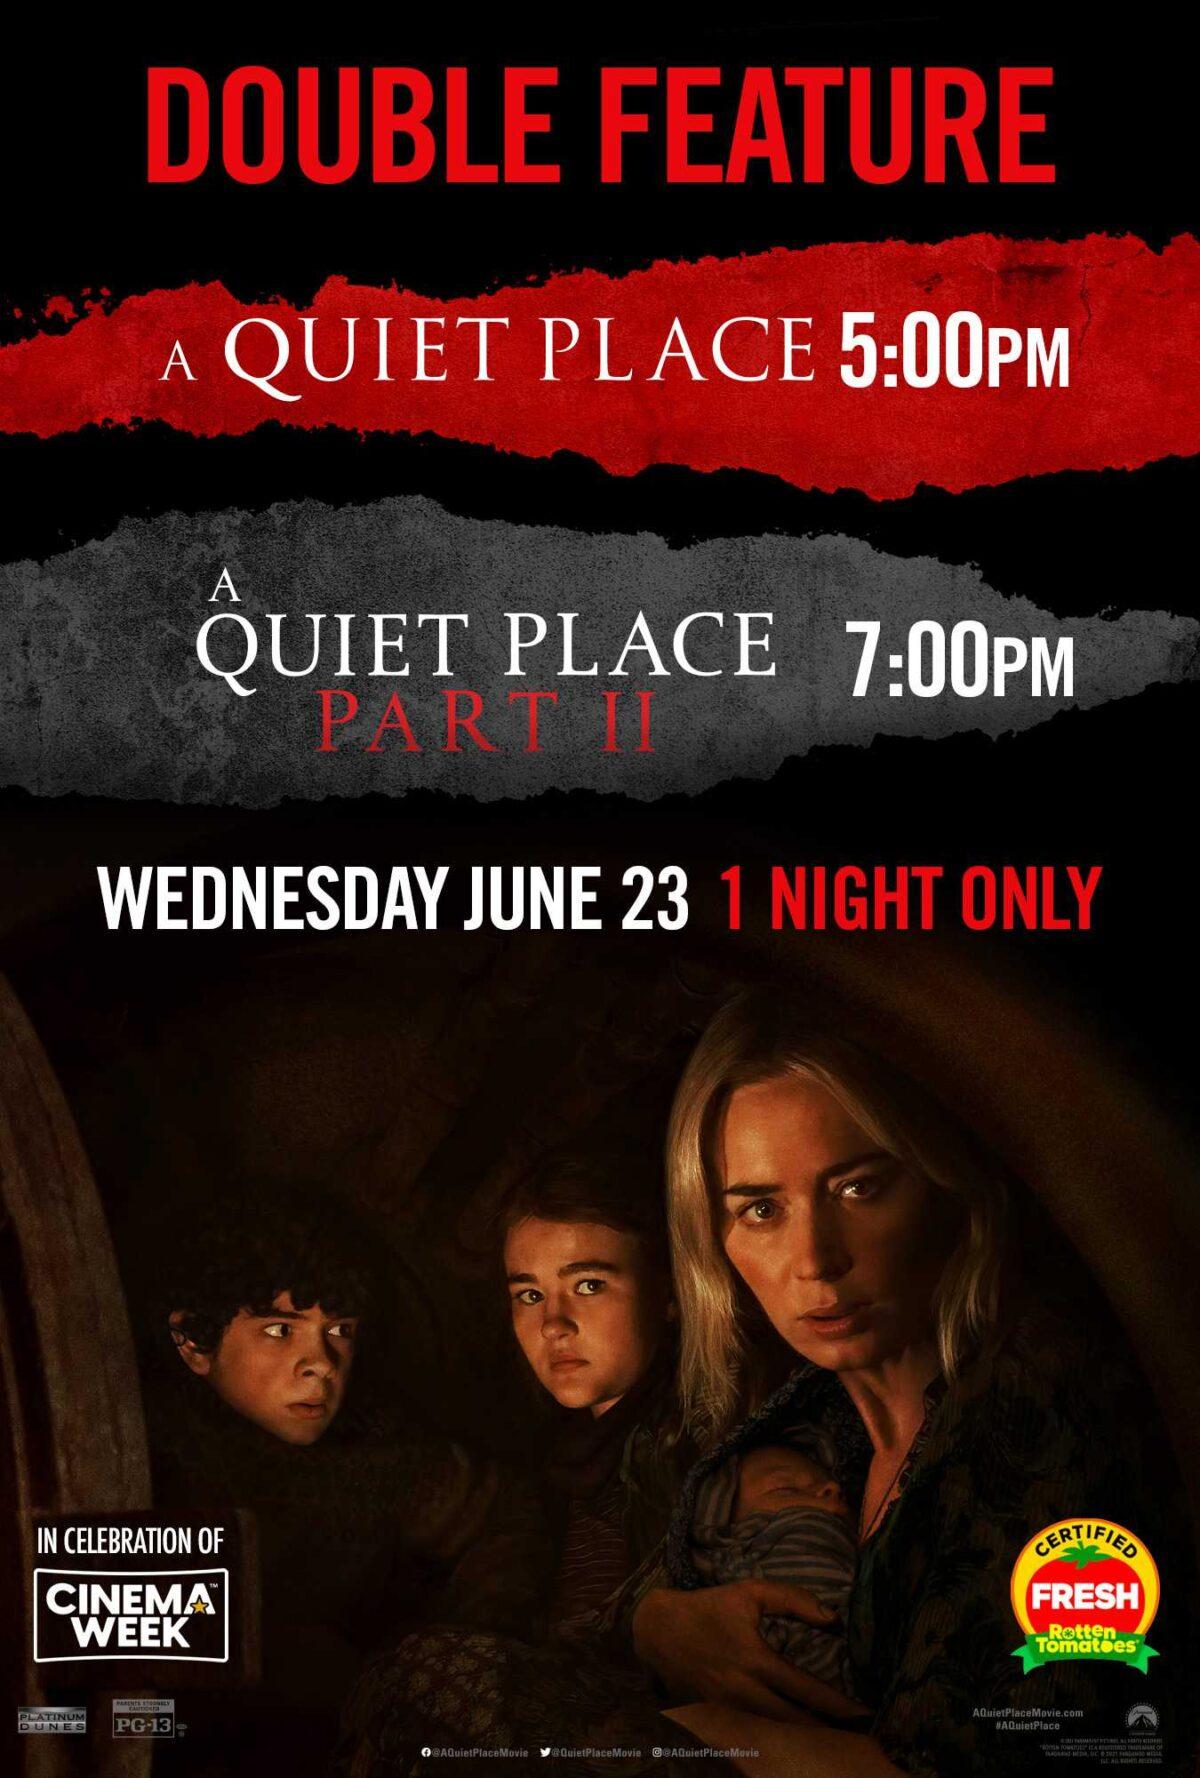 Paramount Announces A Quiet Place Double Feature Fan Event